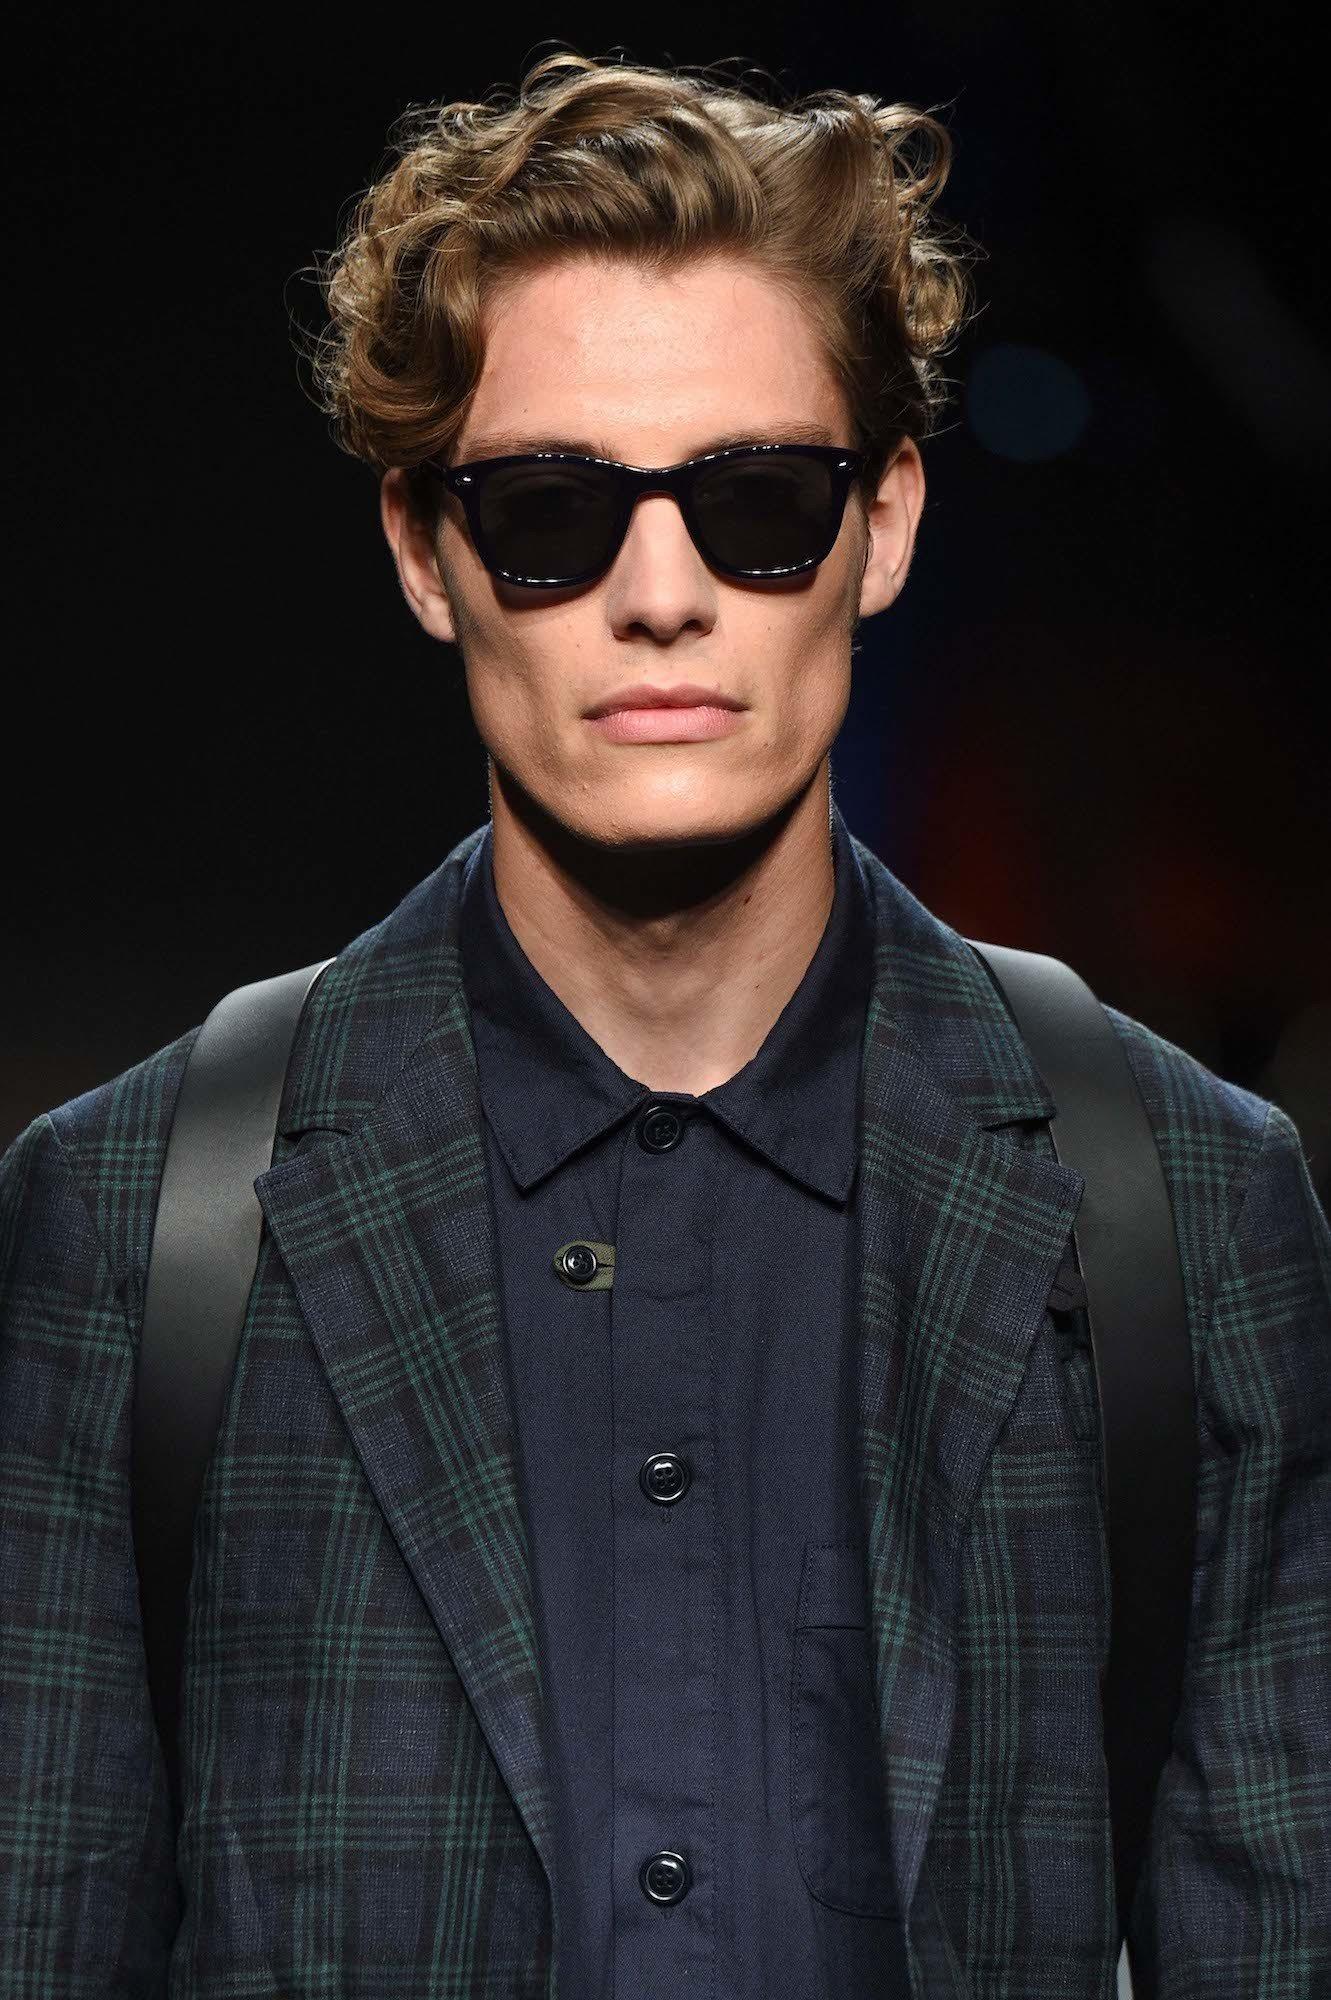 Model rambut pria terbaru 2018 model messy dan bertekstur.